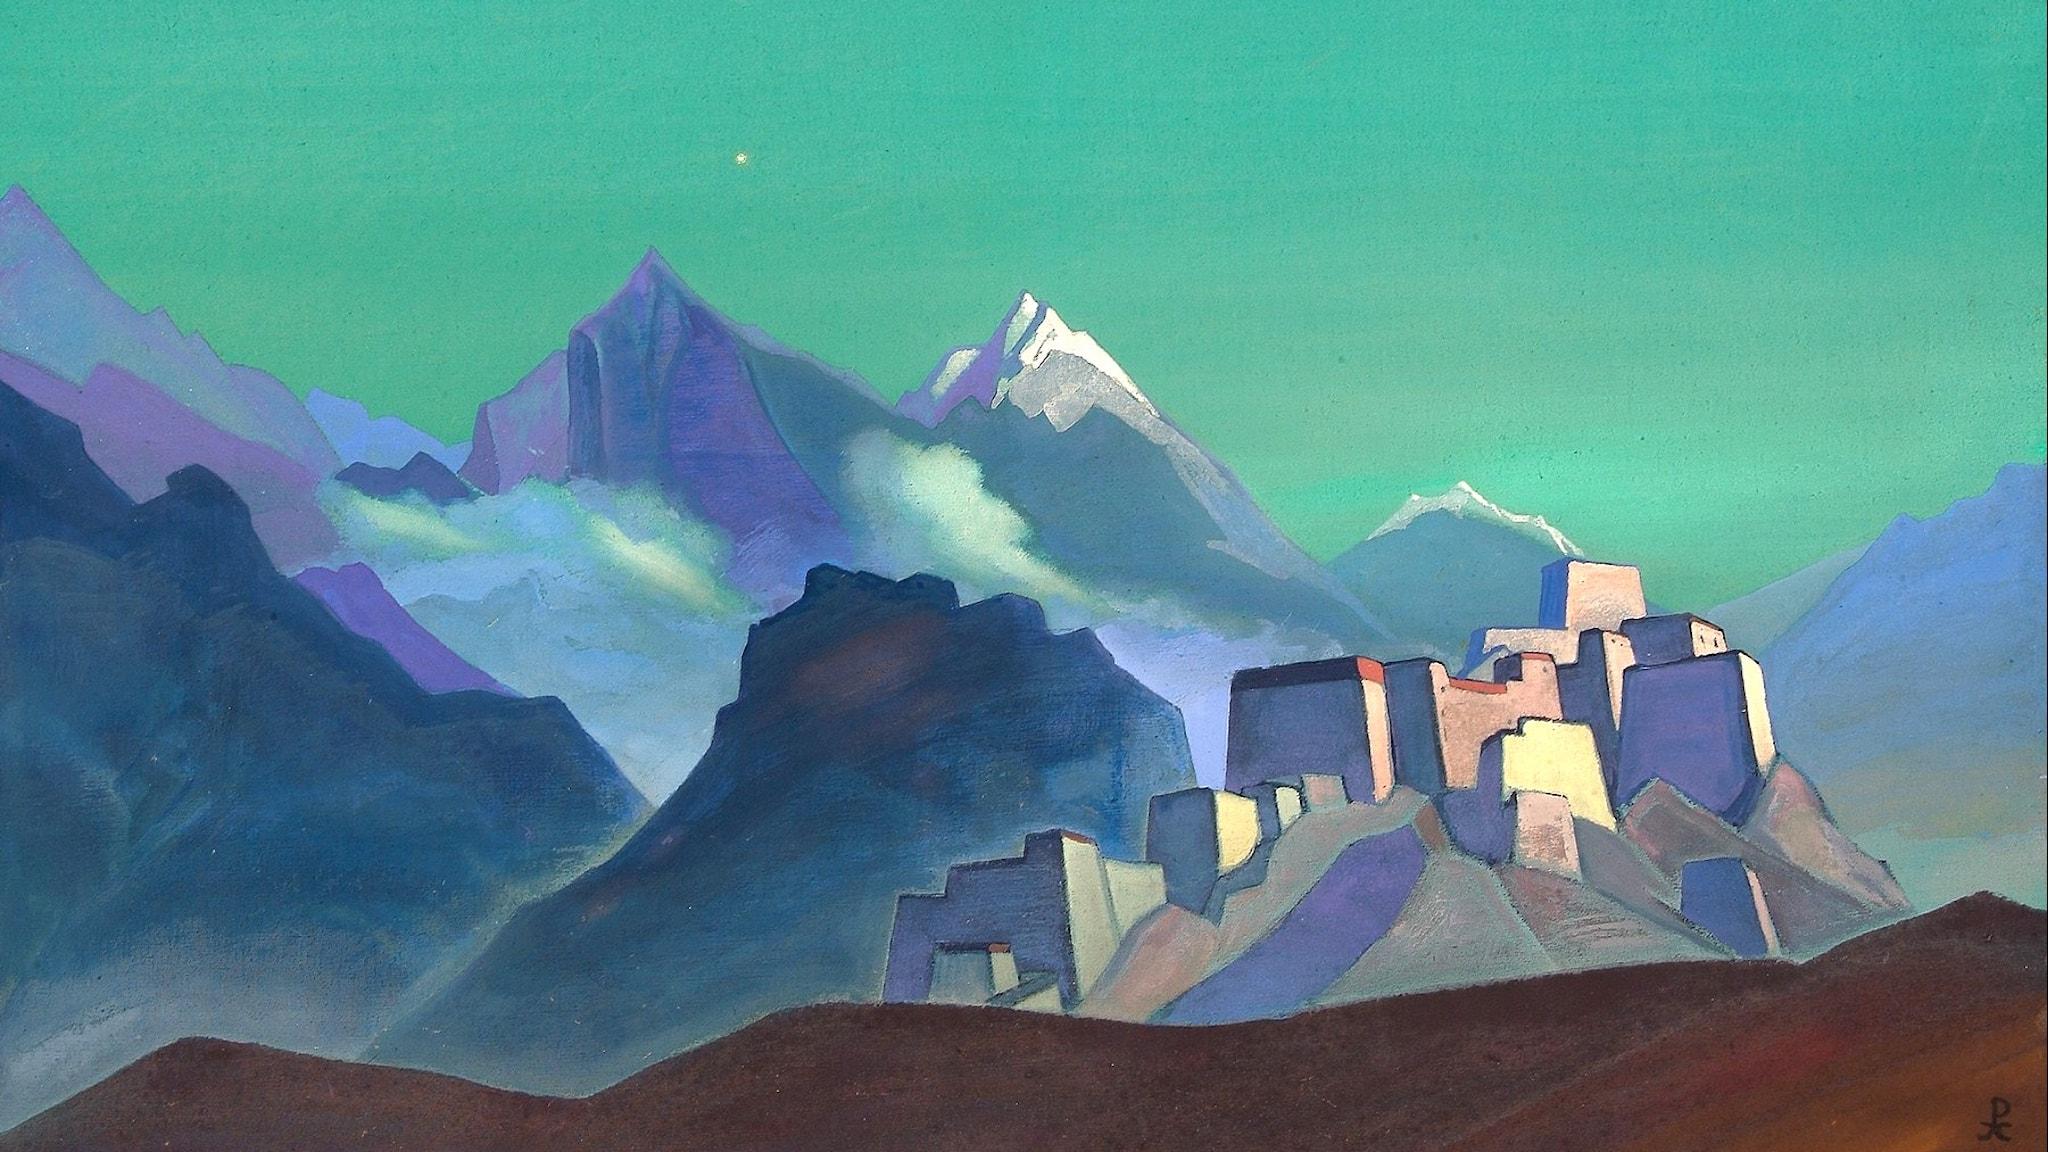 Morgonstjärnan (Nicholas Roerich, 1932).